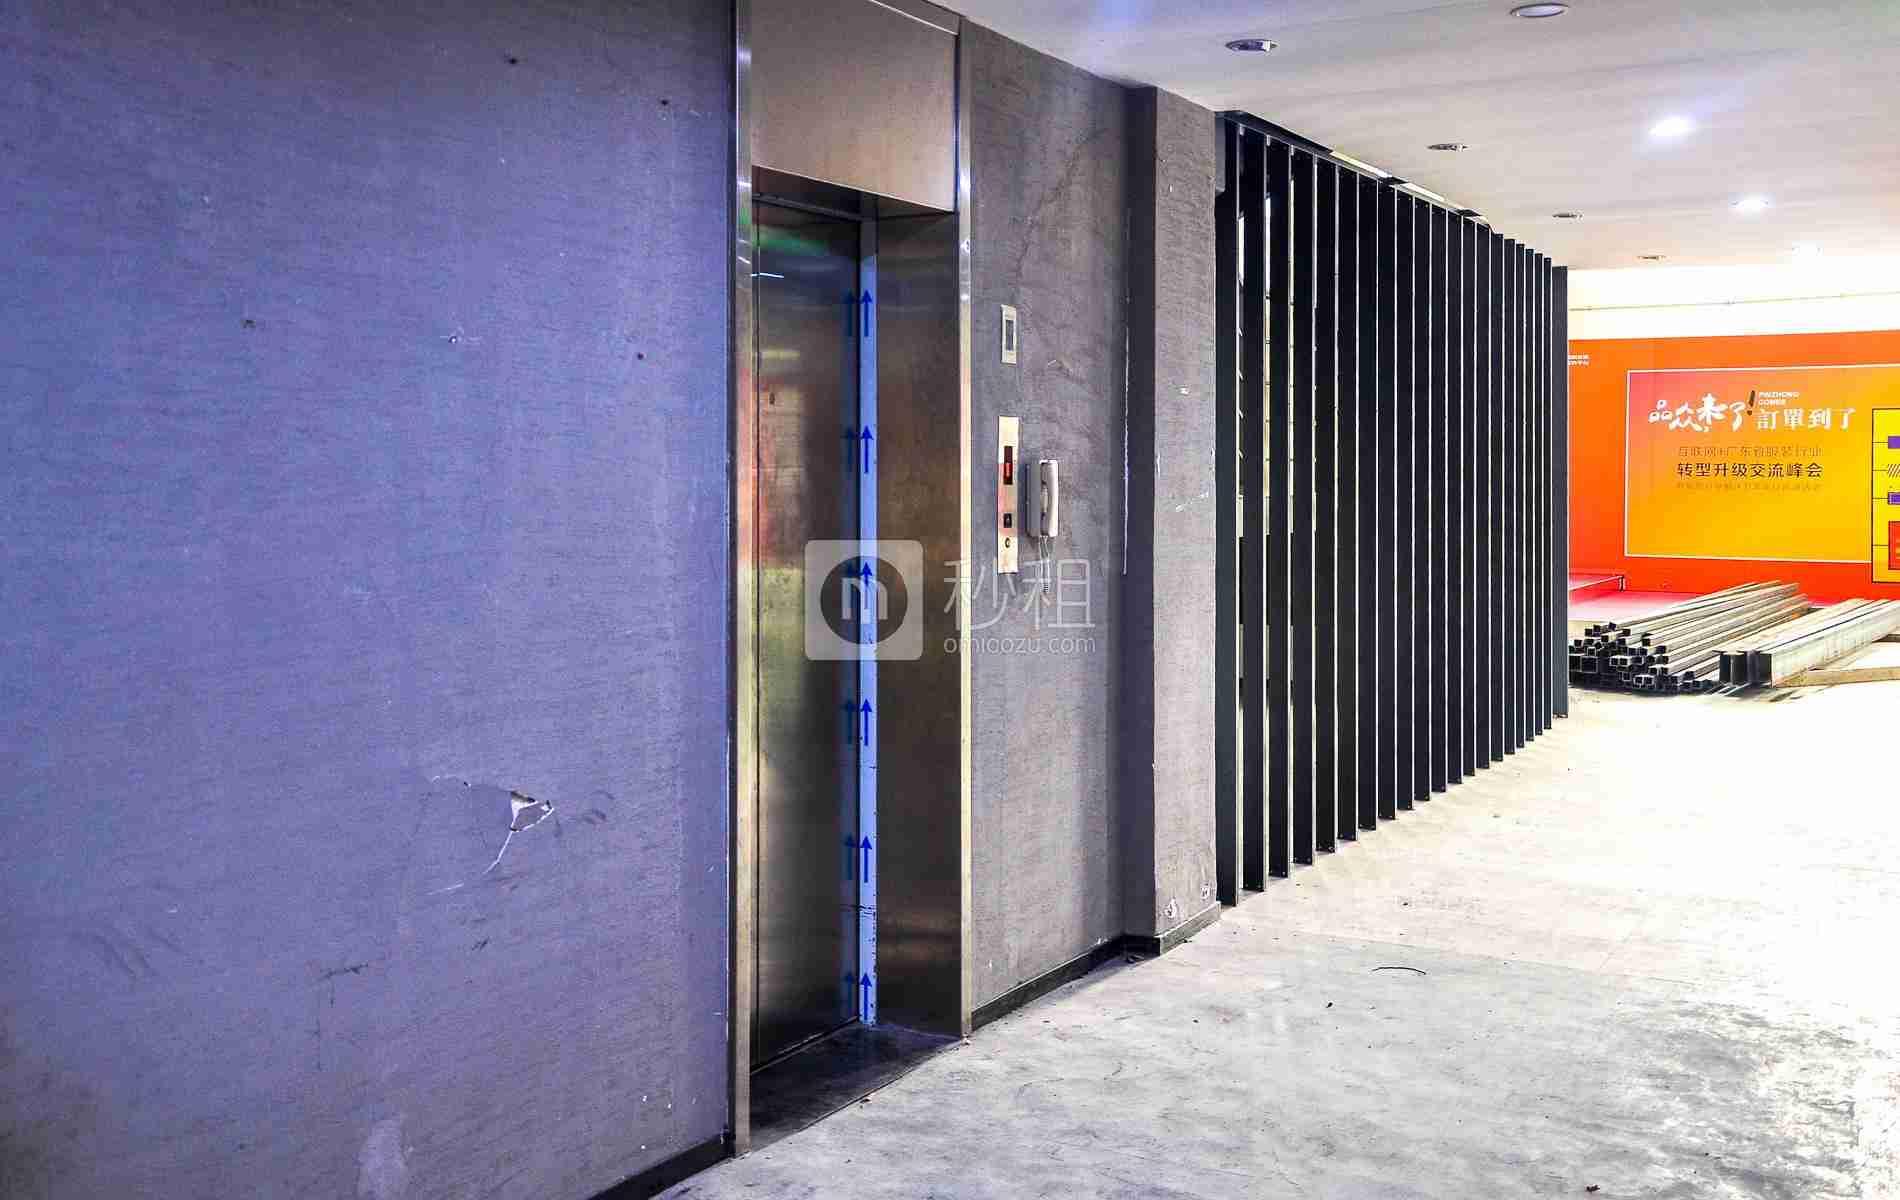 广一电子商务产业园 写字楼出租/招租/租赁,广一电子商务产业园 办公室出租/招租/租赁